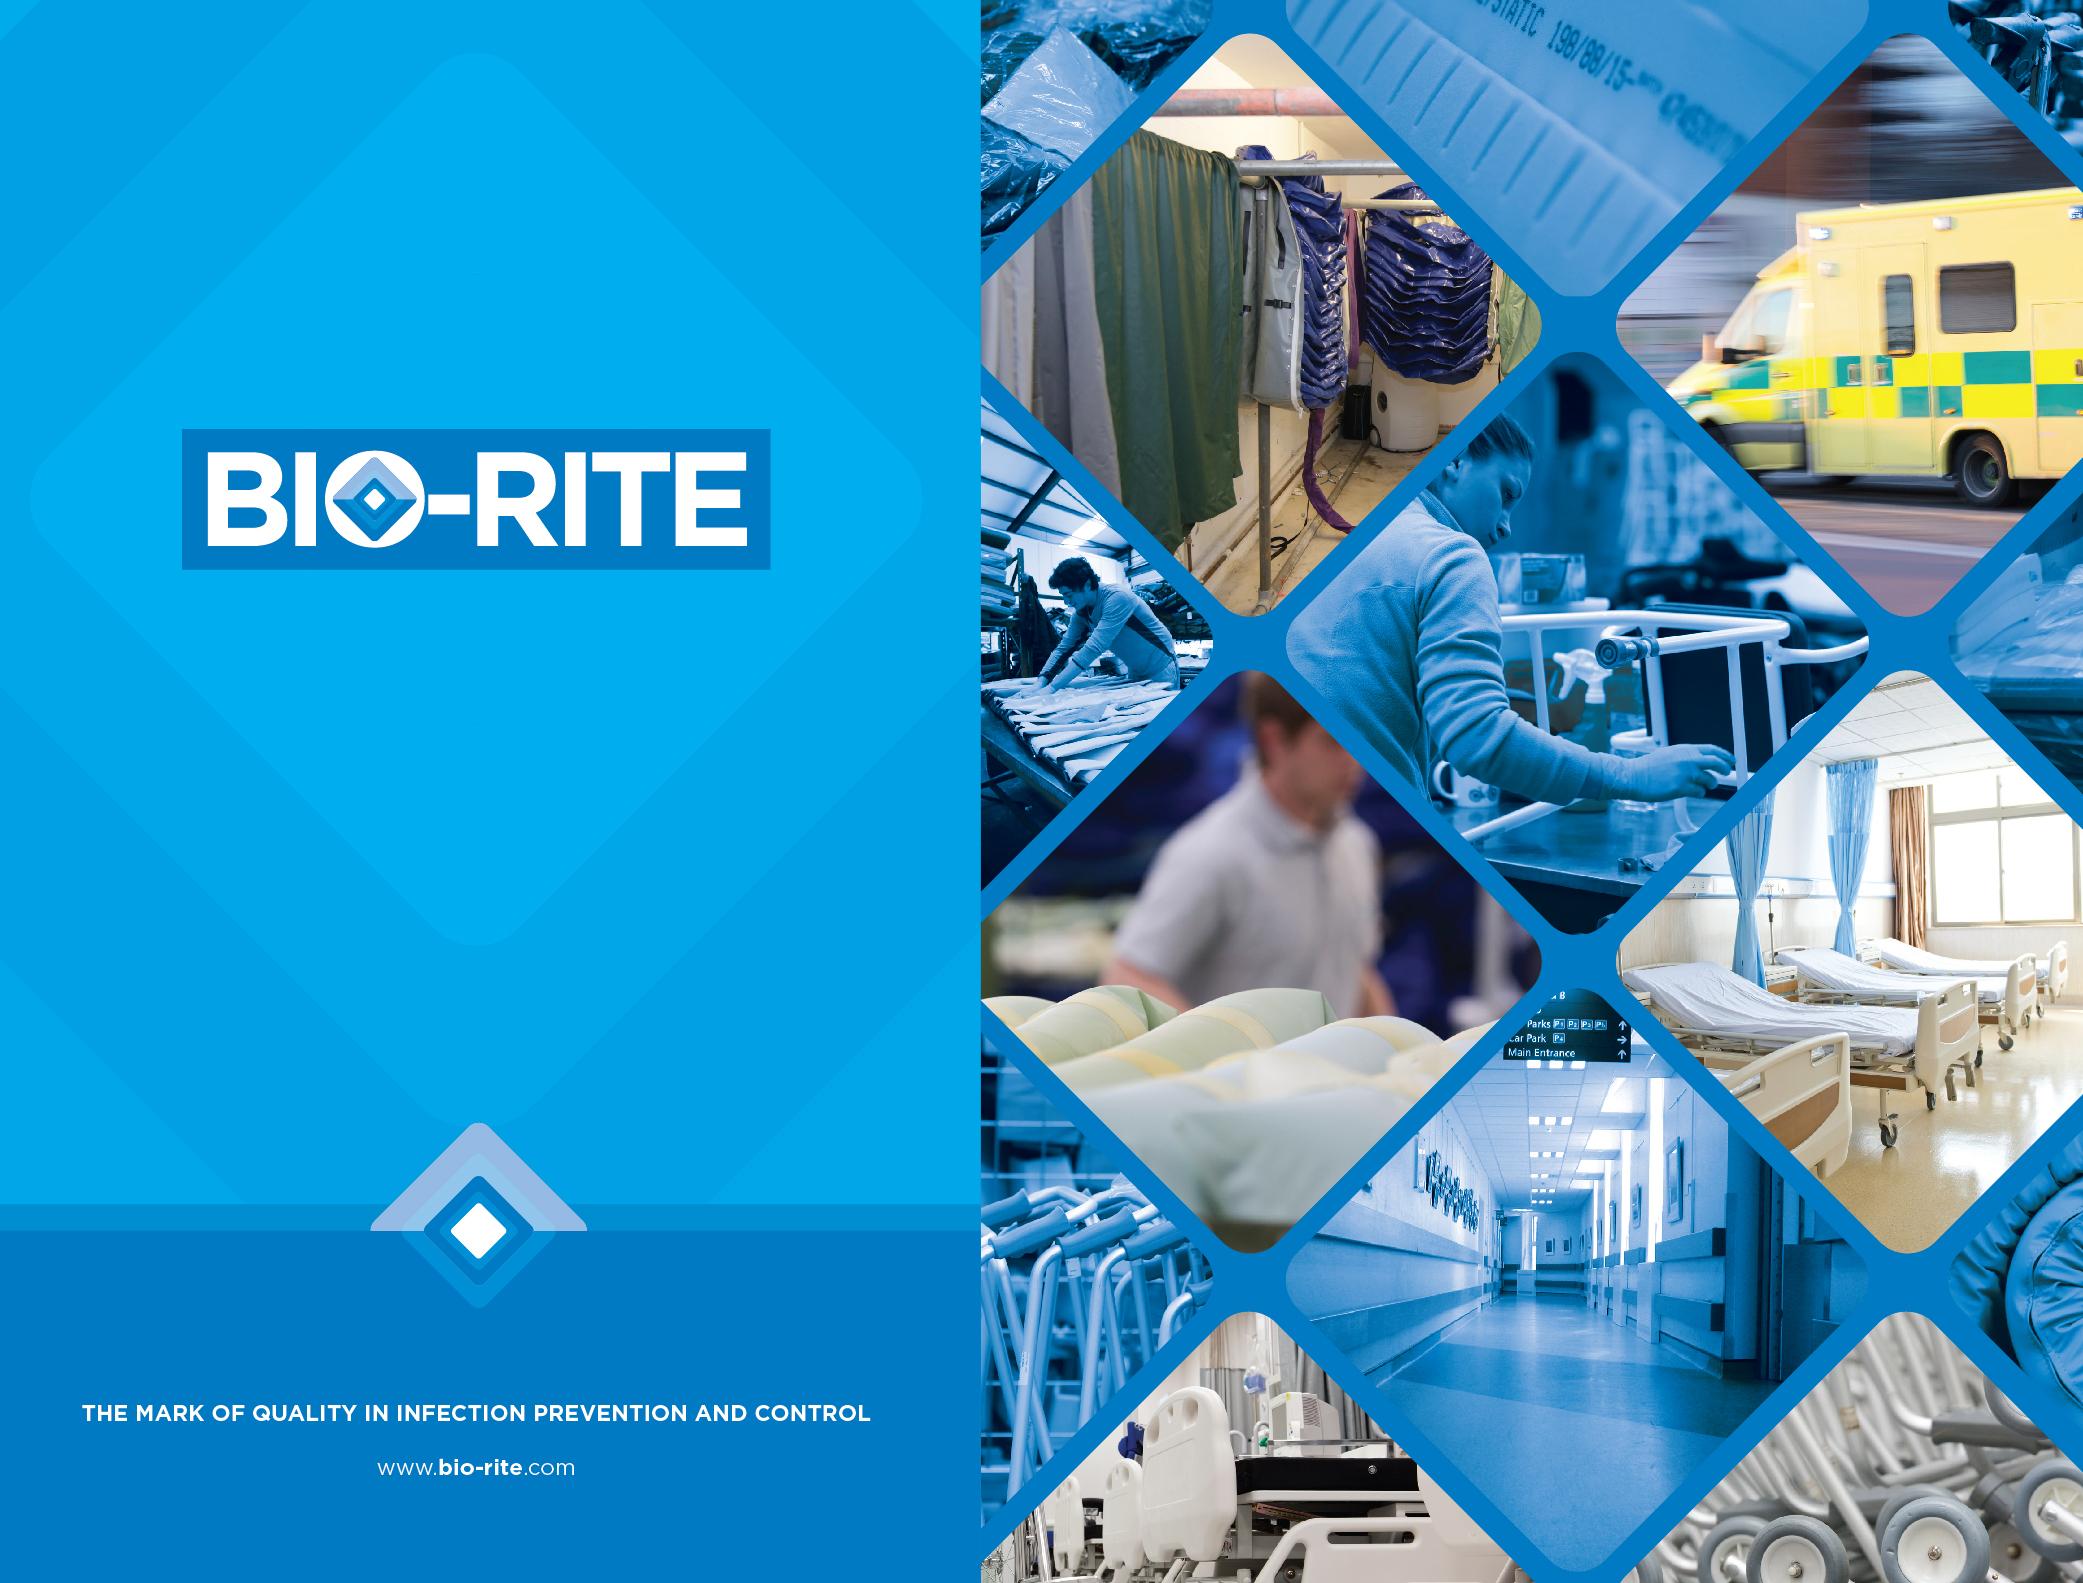 Bio-Rite